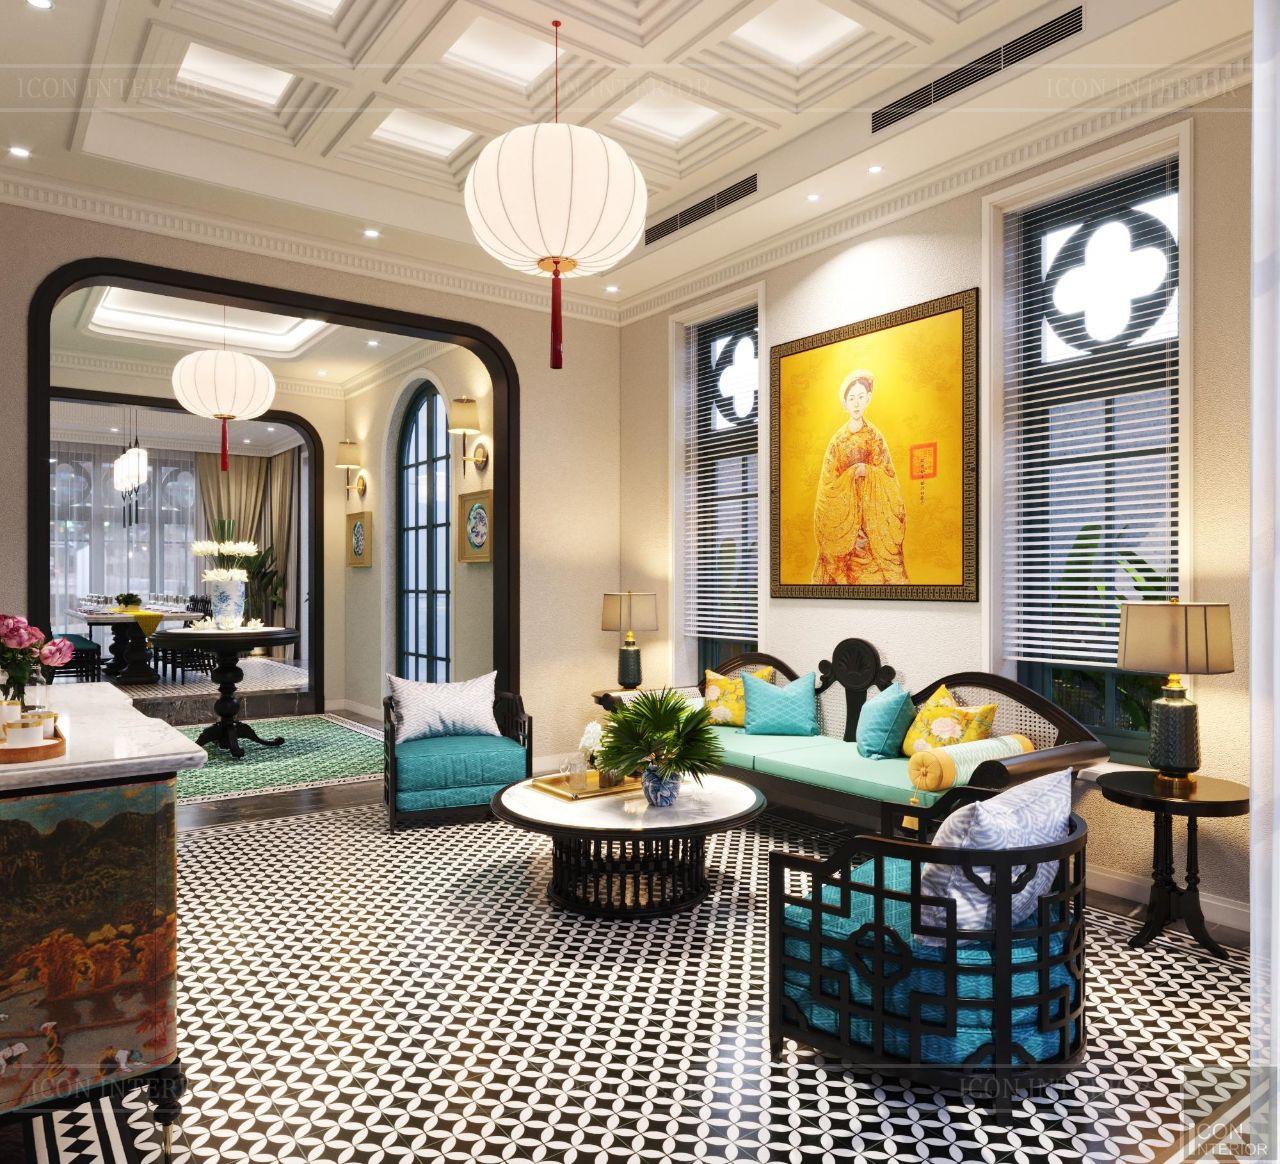 Thiết kế nội thất biệt thự Phú Mỹ Hưng 650m2 Ms. Hoa Indochine